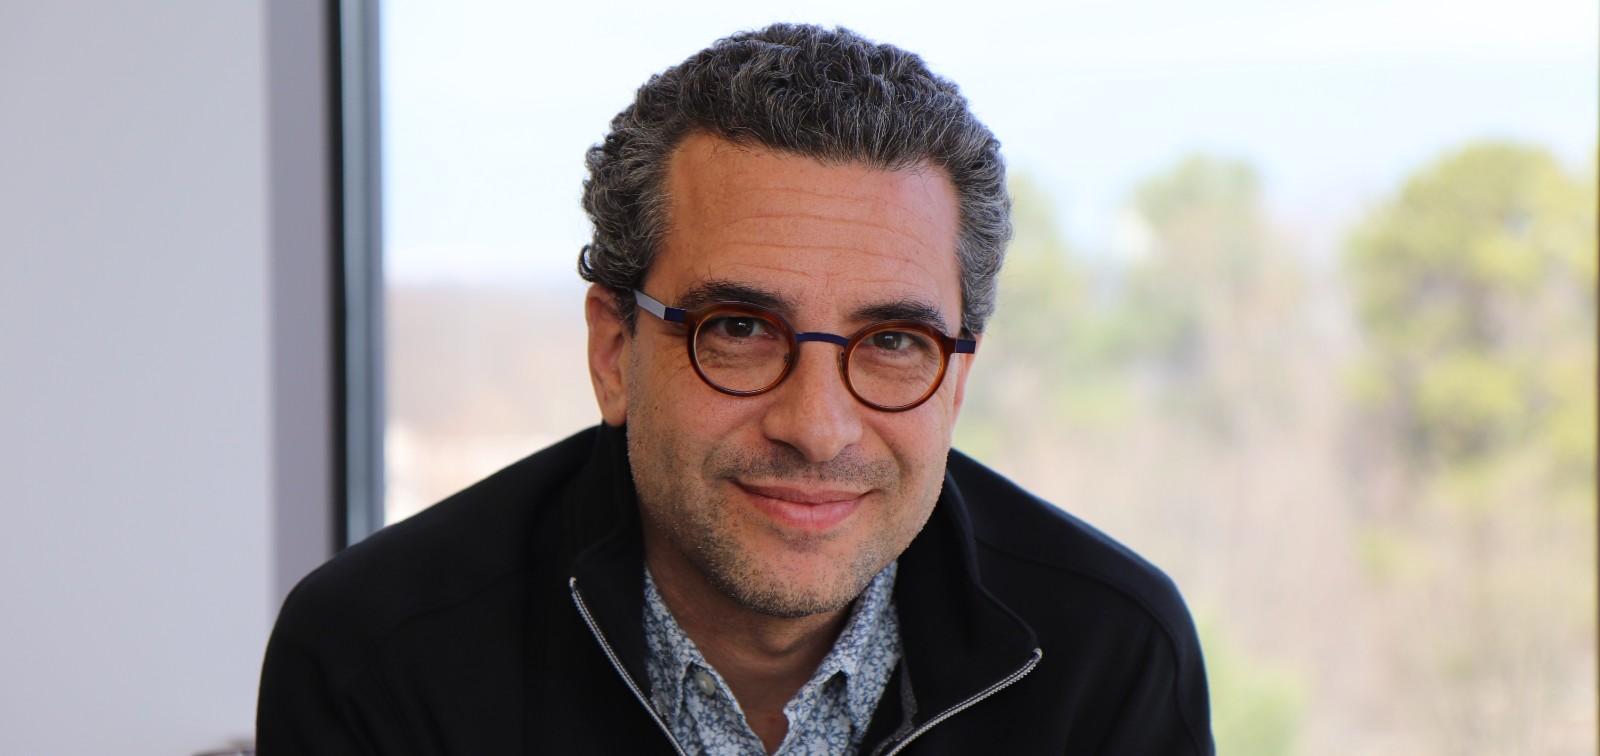 Quique Bassat es nombrado jefe del programa de investigación de malaria de  ISGlobal - Noticia - ISGLOBAL